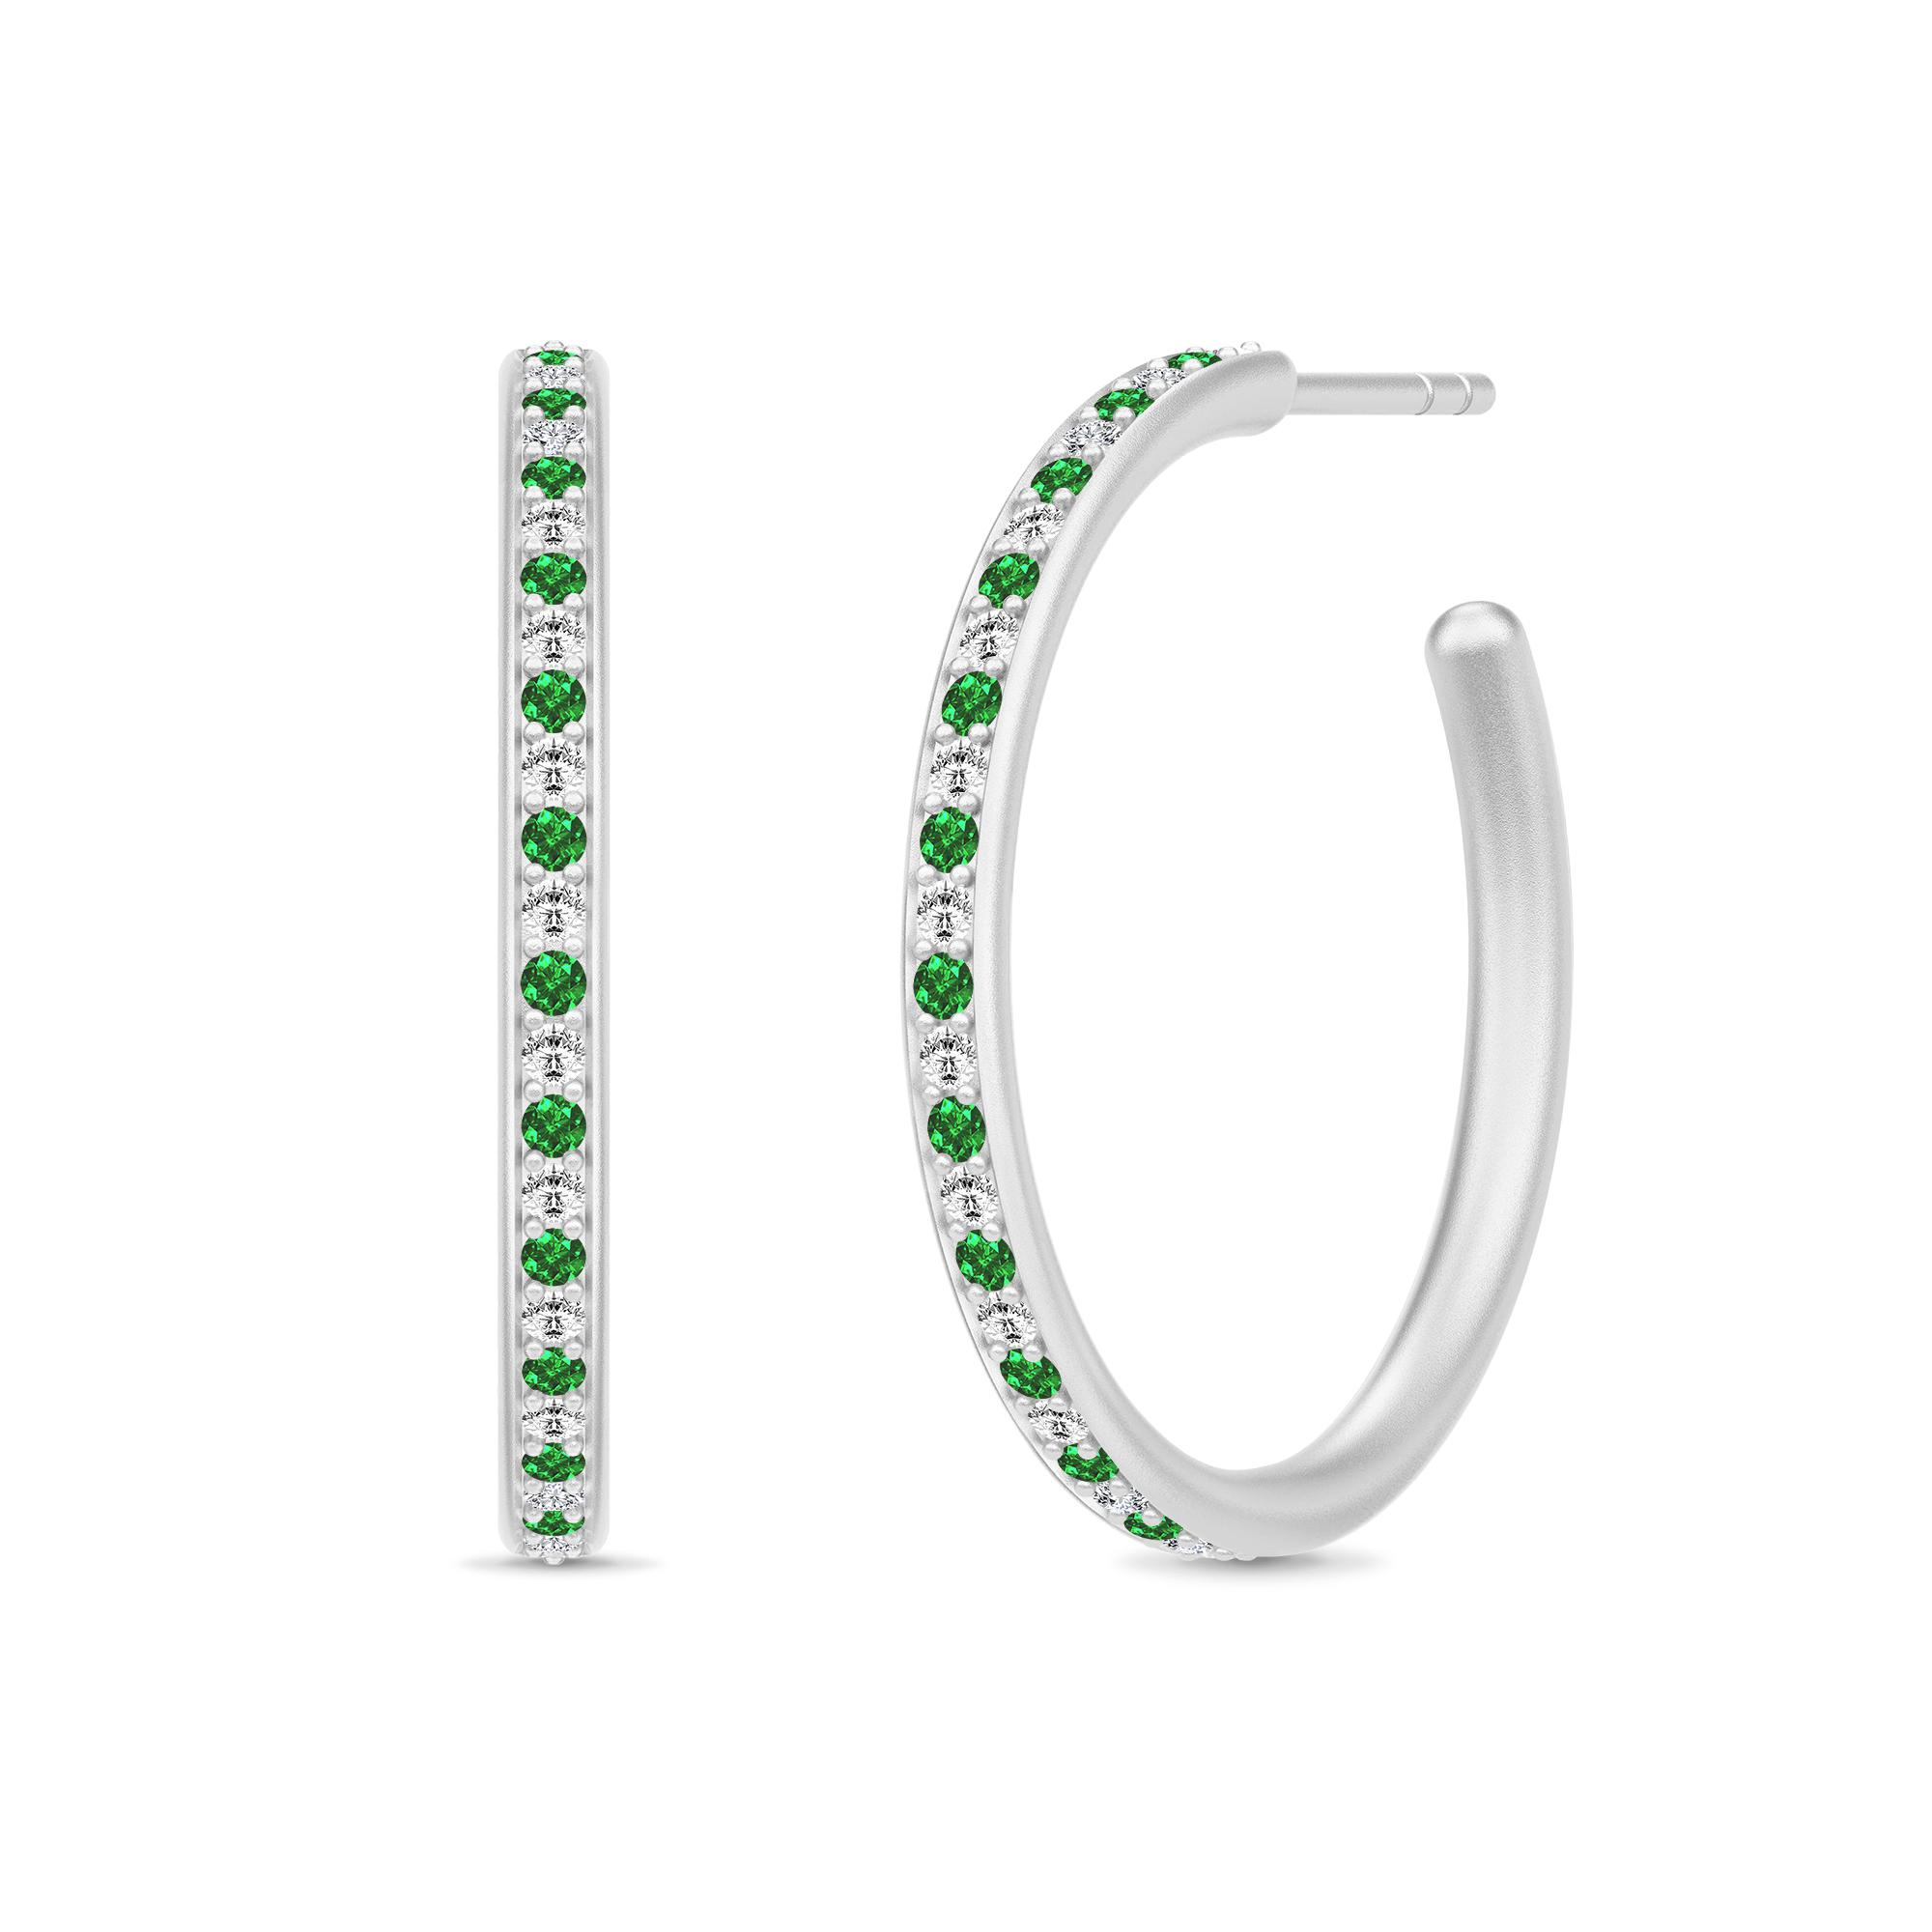 Image of   Julie Sandlau Infinity Hoops øreringe i sølv med grøn cz